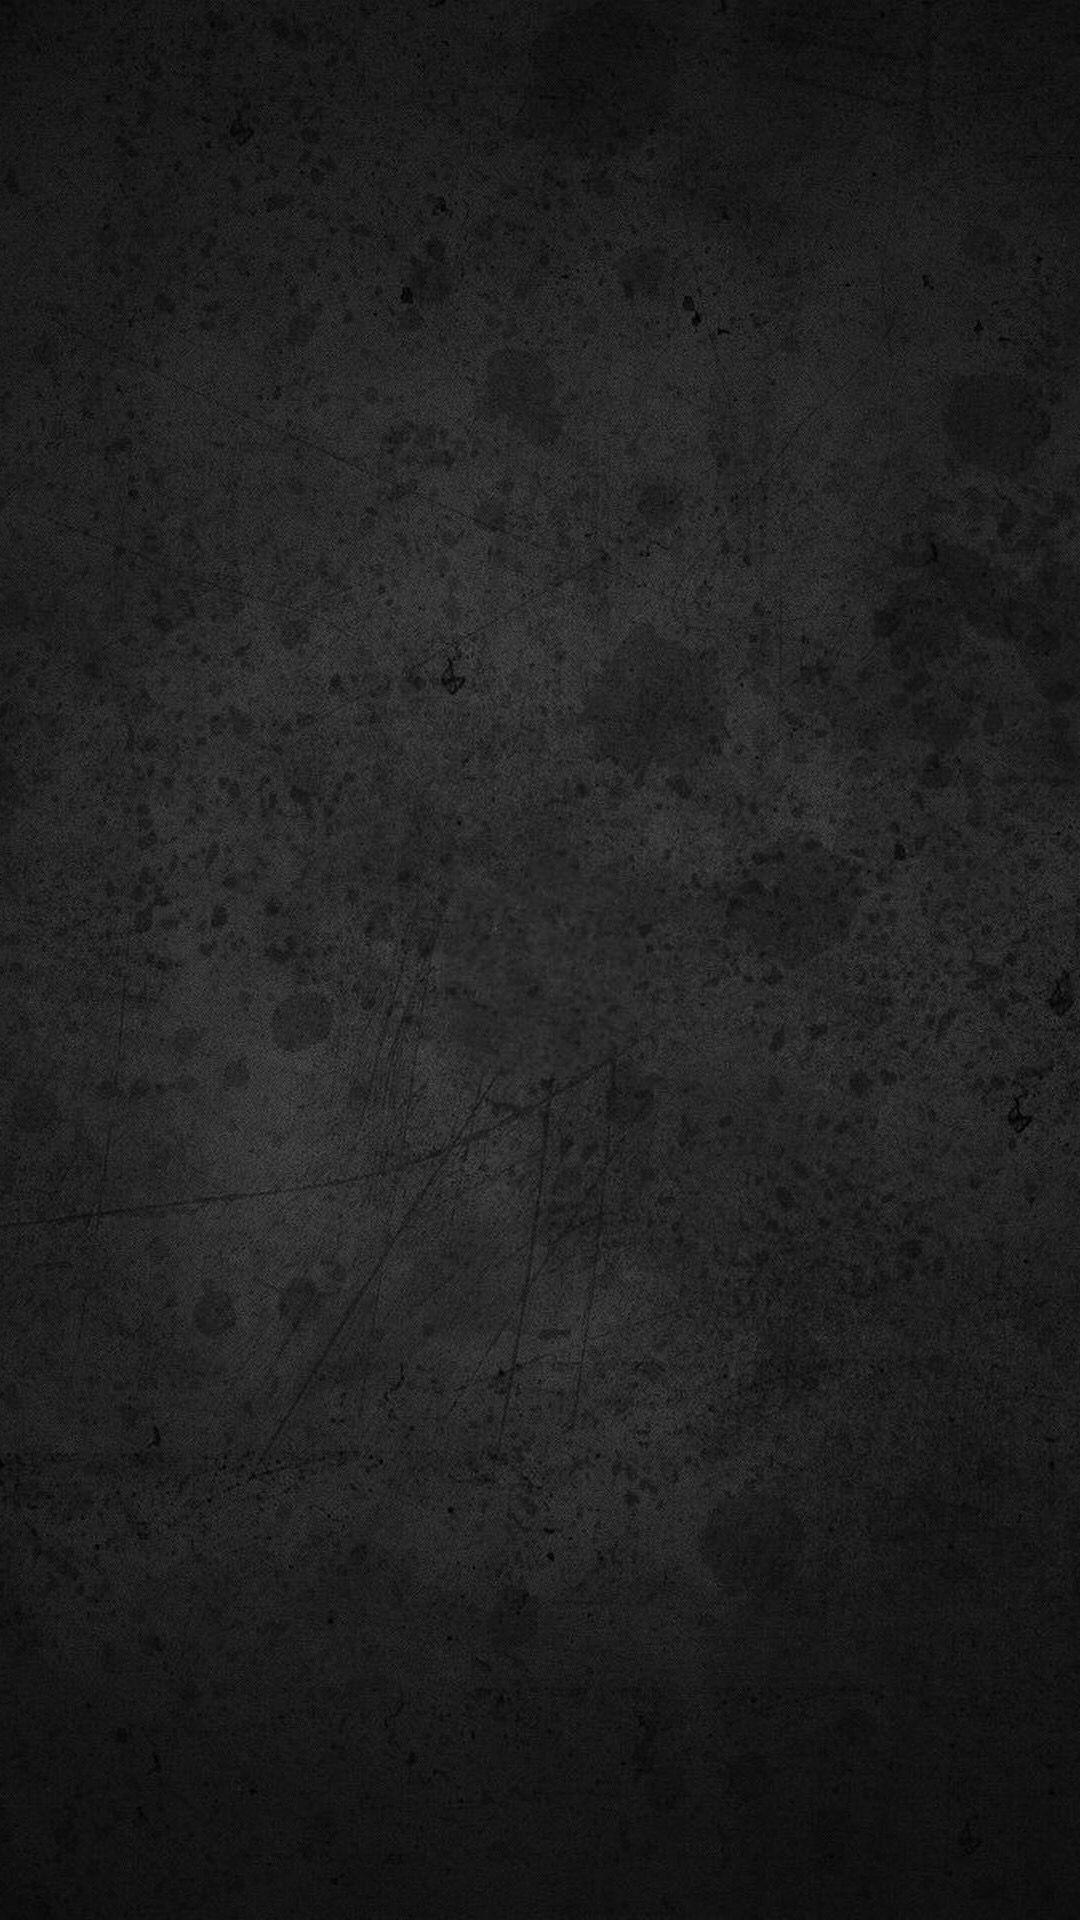 iPhone 6 Plus Wallpaper! Planos de fundo, Imagens de